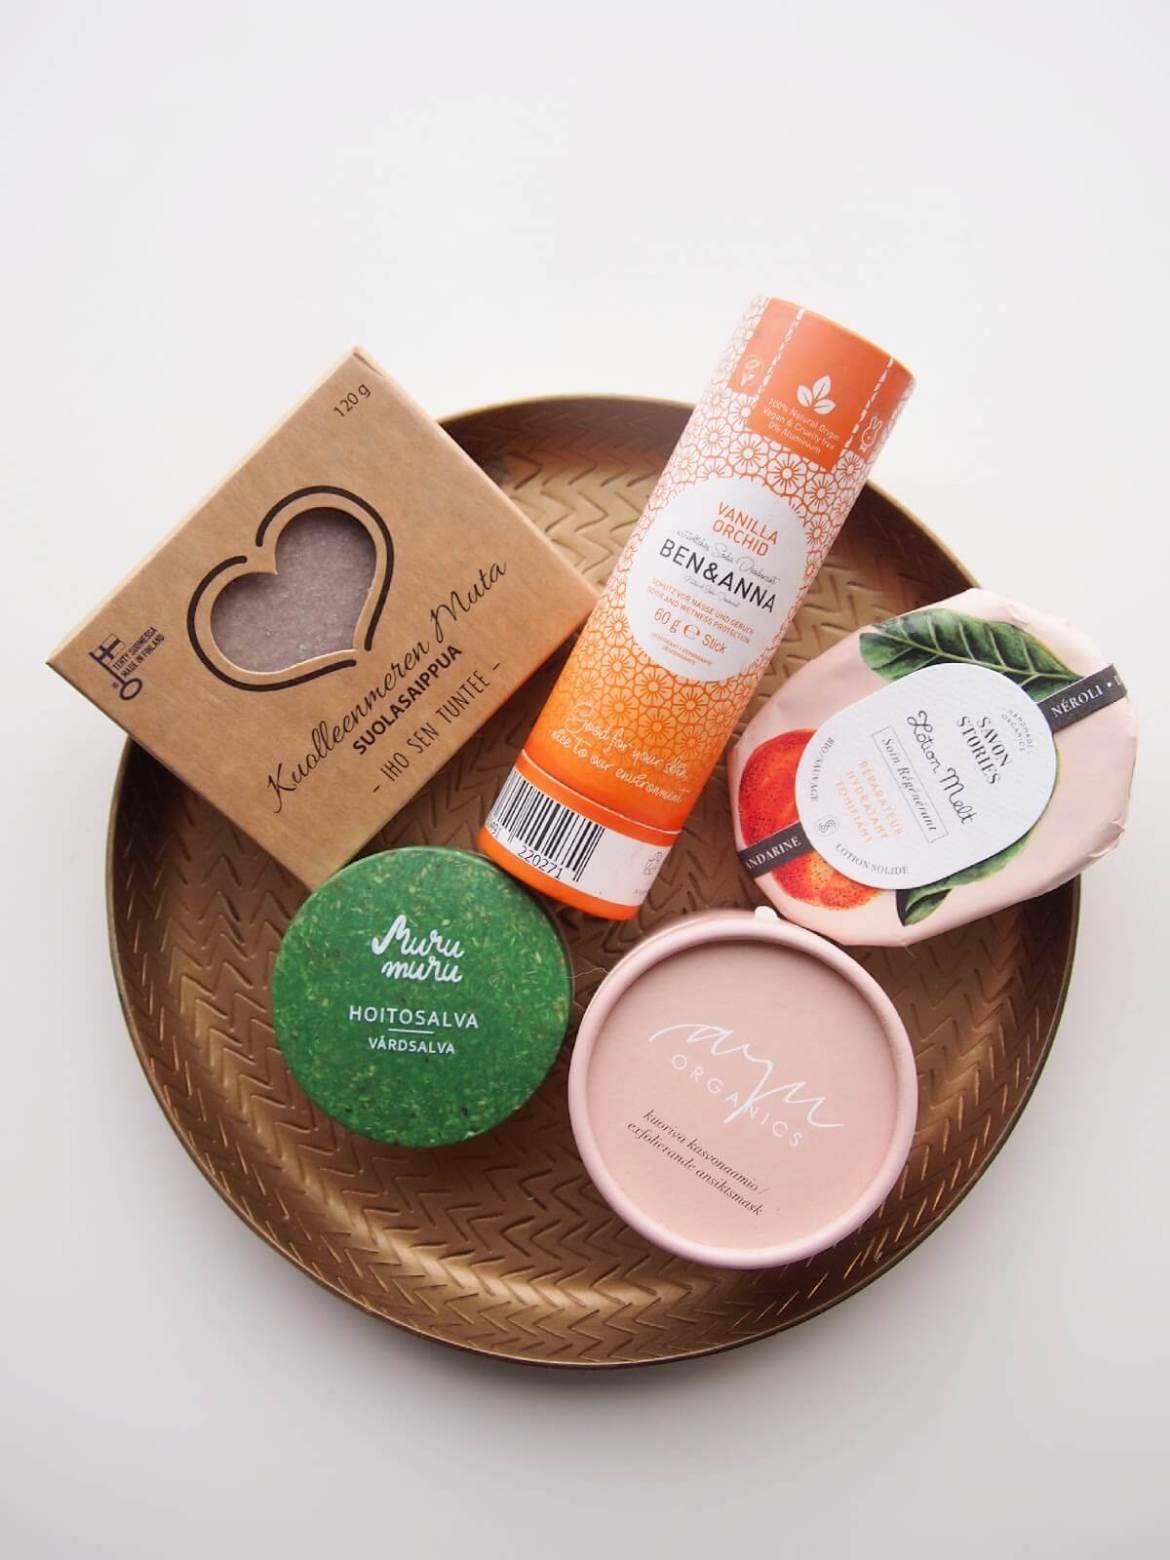 zero waste kosmetiikkavinkit